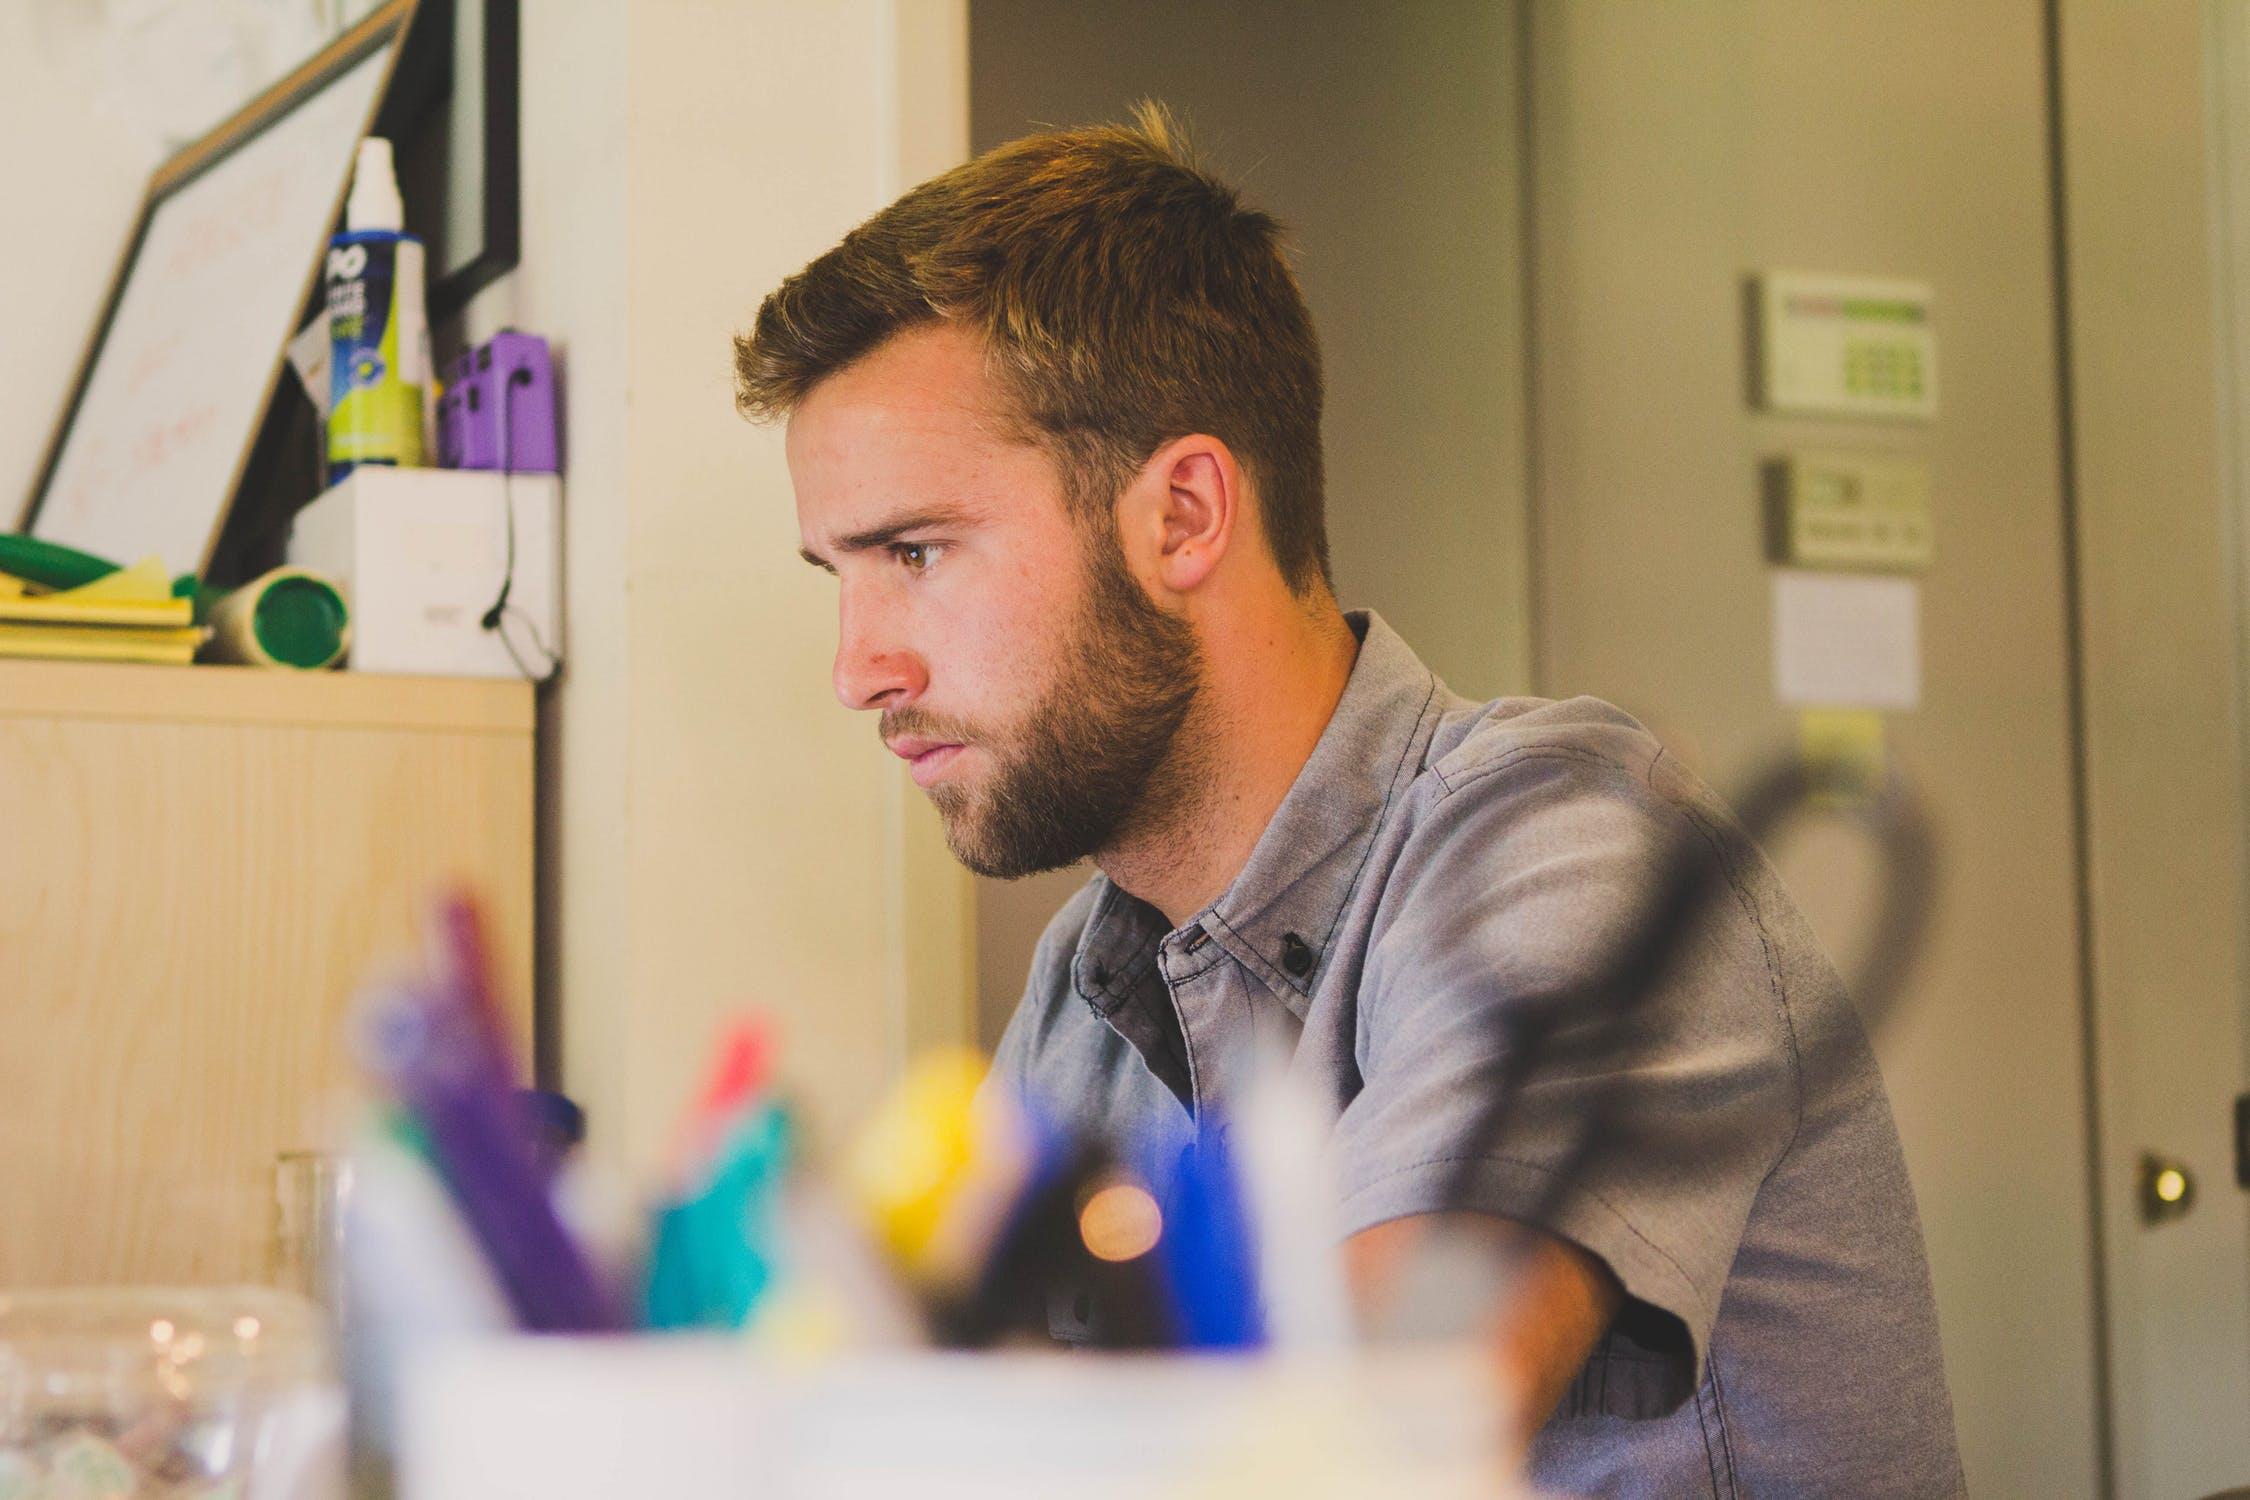 zatrudnienie-studenta-zwolnienie-zus.jpg